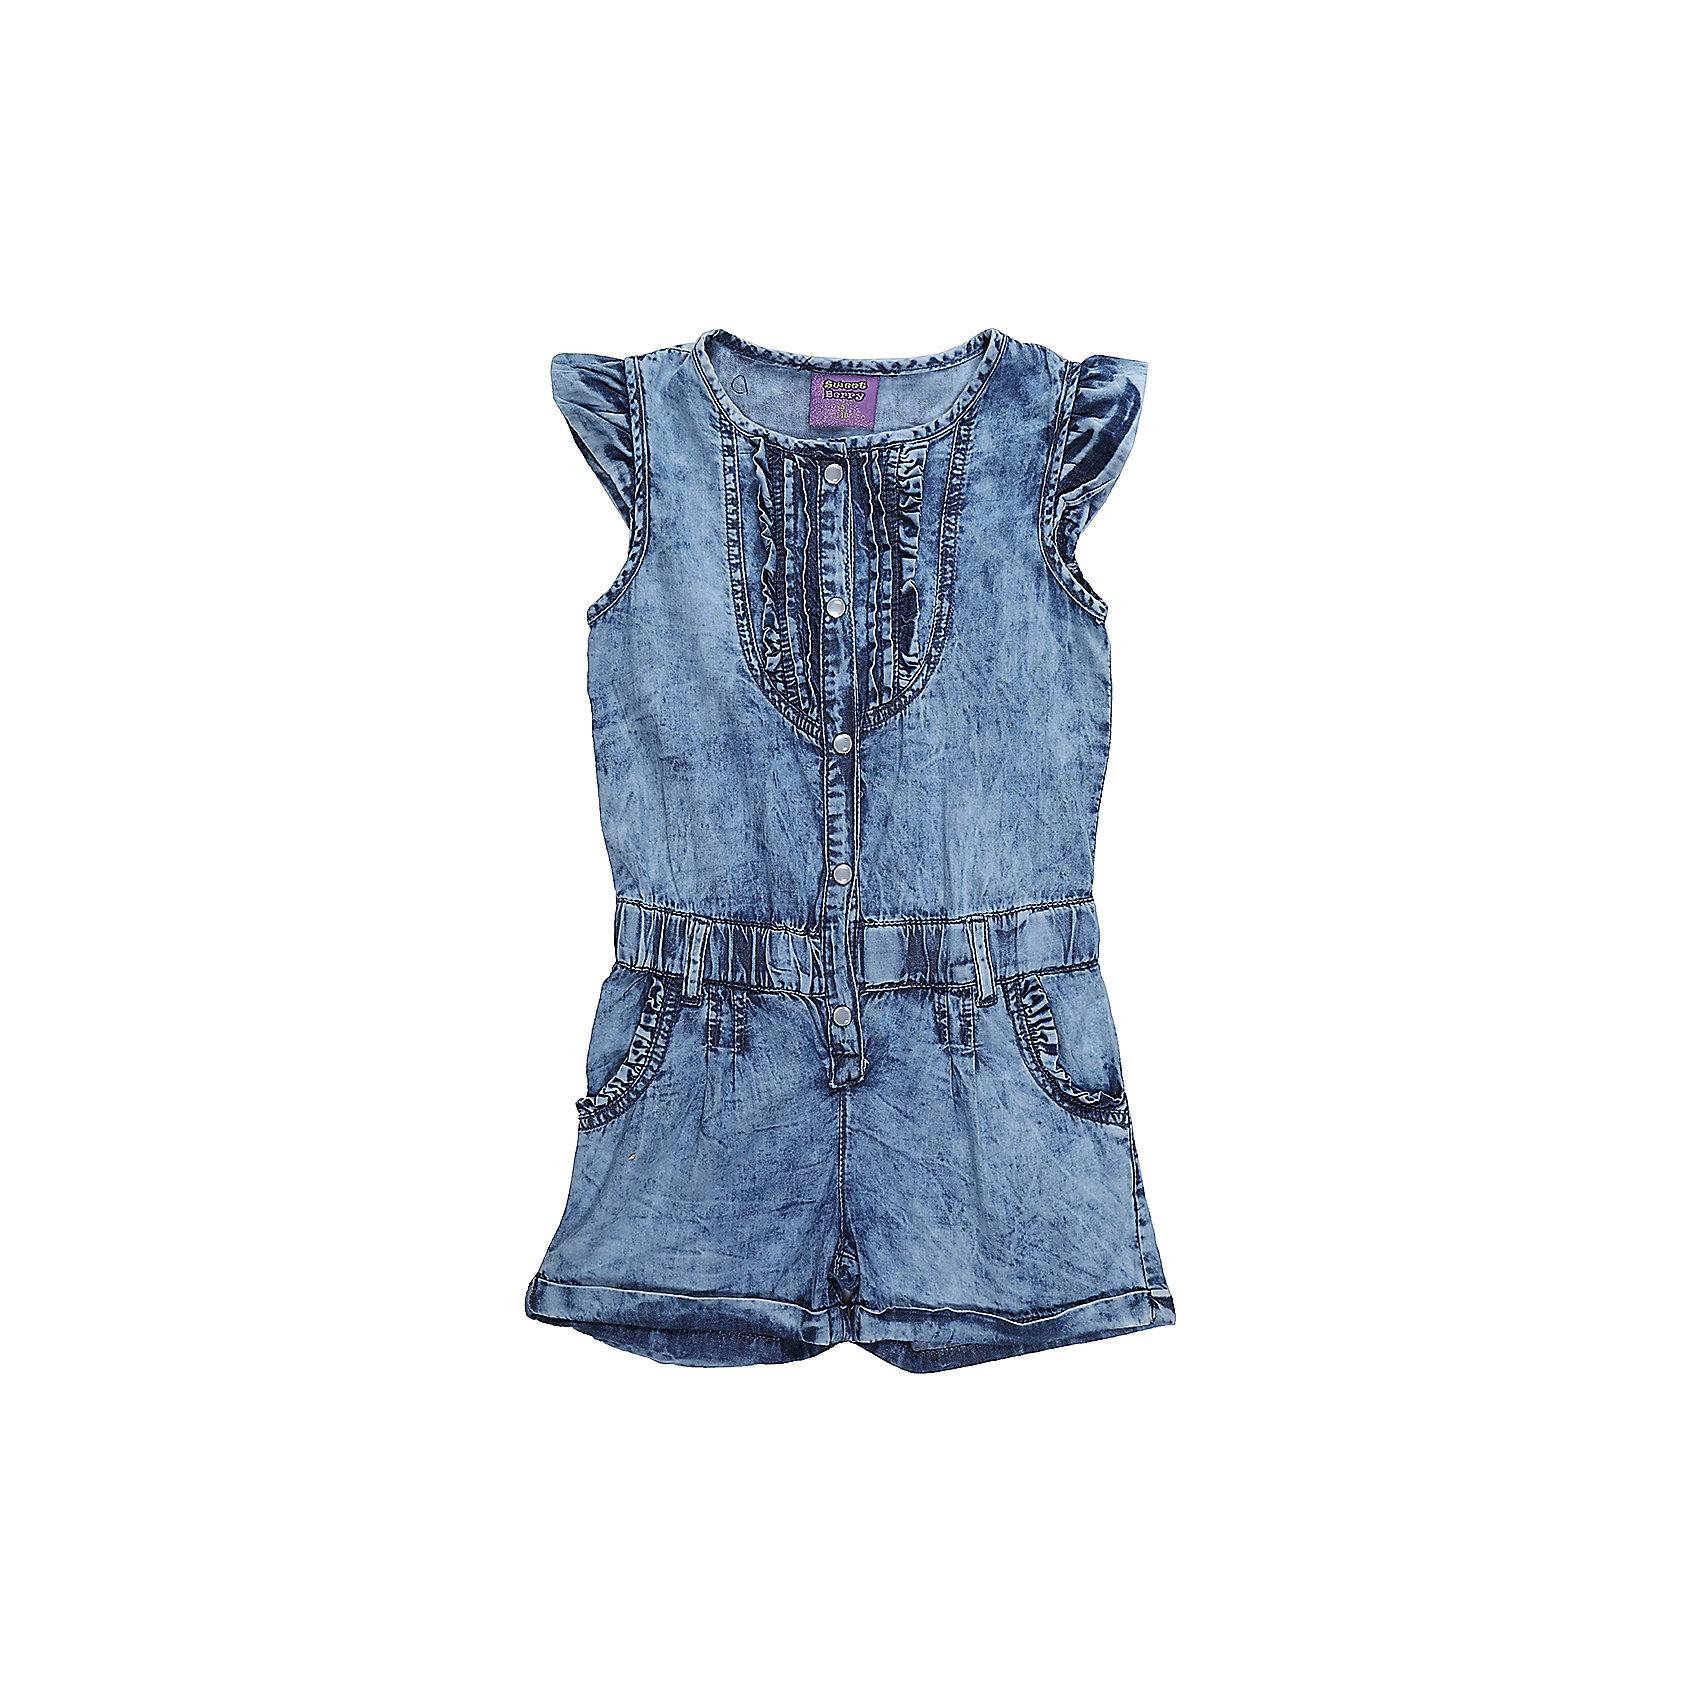 Комбинезон для девочки Sweet BerryКомбинезон из тонкой хлопковой ткани под джинсу для девочки. Рукава крылышки. Талия собрана на мягкую резинку Застежка на кнопках.<br>Состав:<br>100%хлопок<br><br>Ширина мм: 215<br>Глубина мм: 88<br>Высота мм: 191<br>Вес г: 336<br>Цвет: голубой<br>Возраст от месяцев: 36<br>Возраст до месяцев: 48<br>Пол: Женский<br>Возраст: Детский<br>Размер: 104,98,110,116,122,128<br>SKU: 5412541